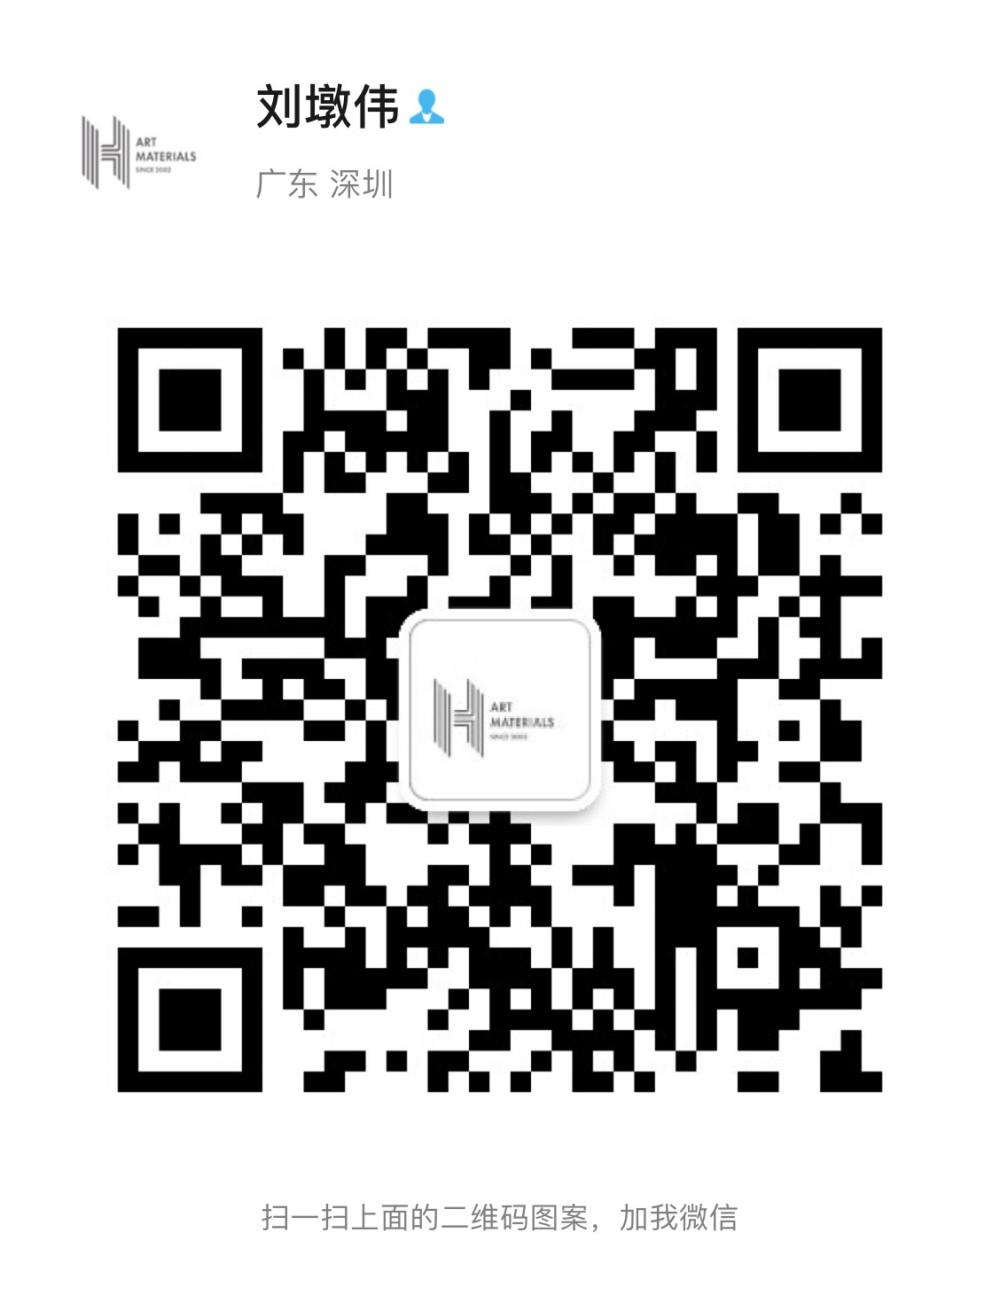 刘工.jpg